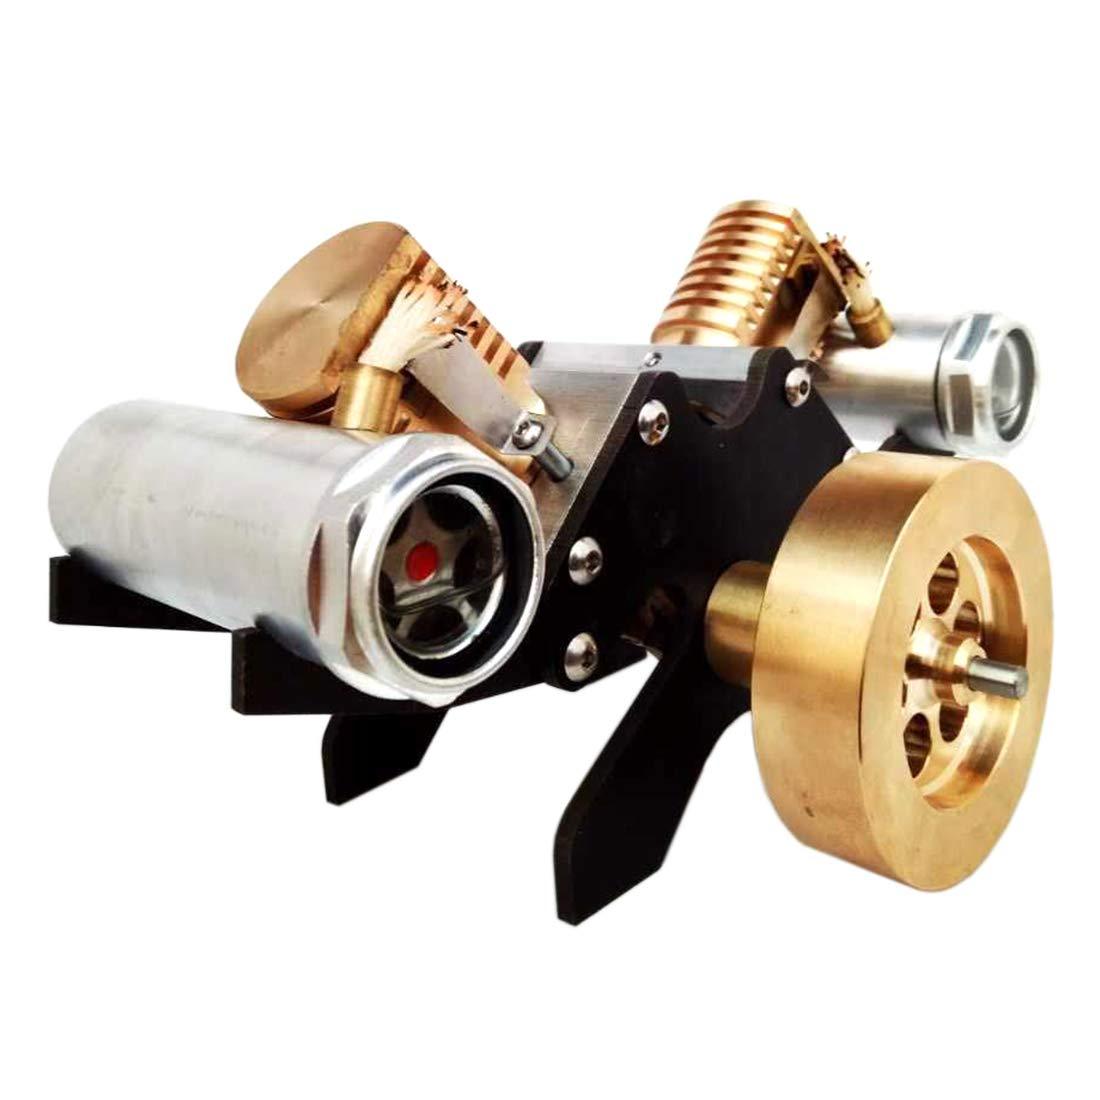 Yamix Stirling Engine Kit, V Shape Suction Type Double-Cylinder Vacuum Stirling Engine Motor Model Educational Toy